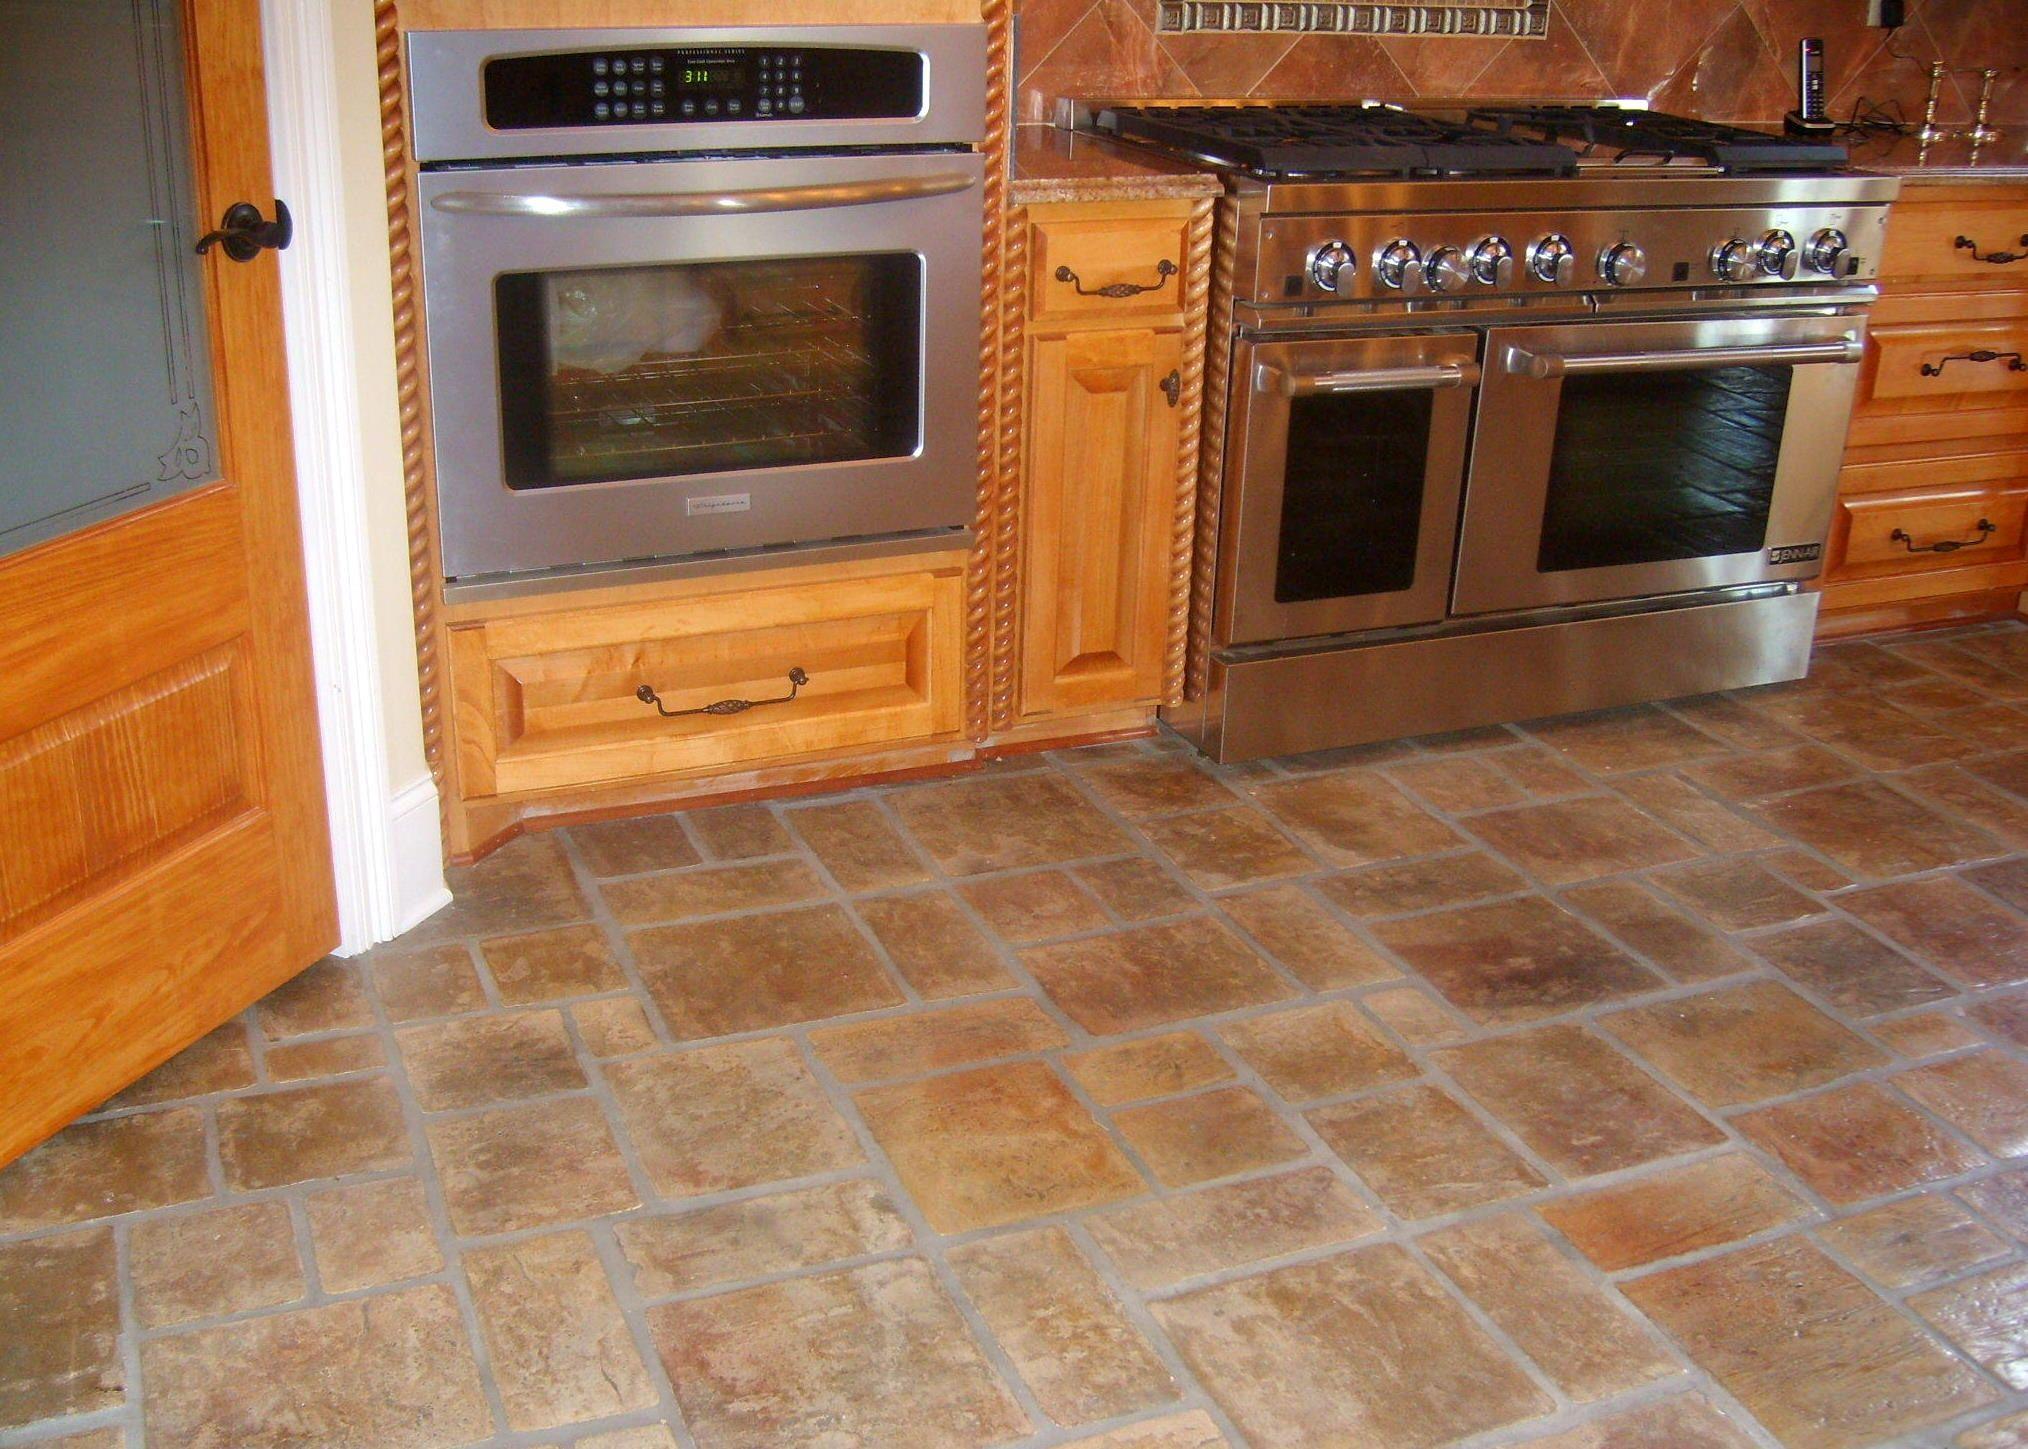 8 Inspirational Photos Of Gorgeous Brick Flooring  Kitchen Floors Amusing Kitchen Flooring Design Design Inspiration